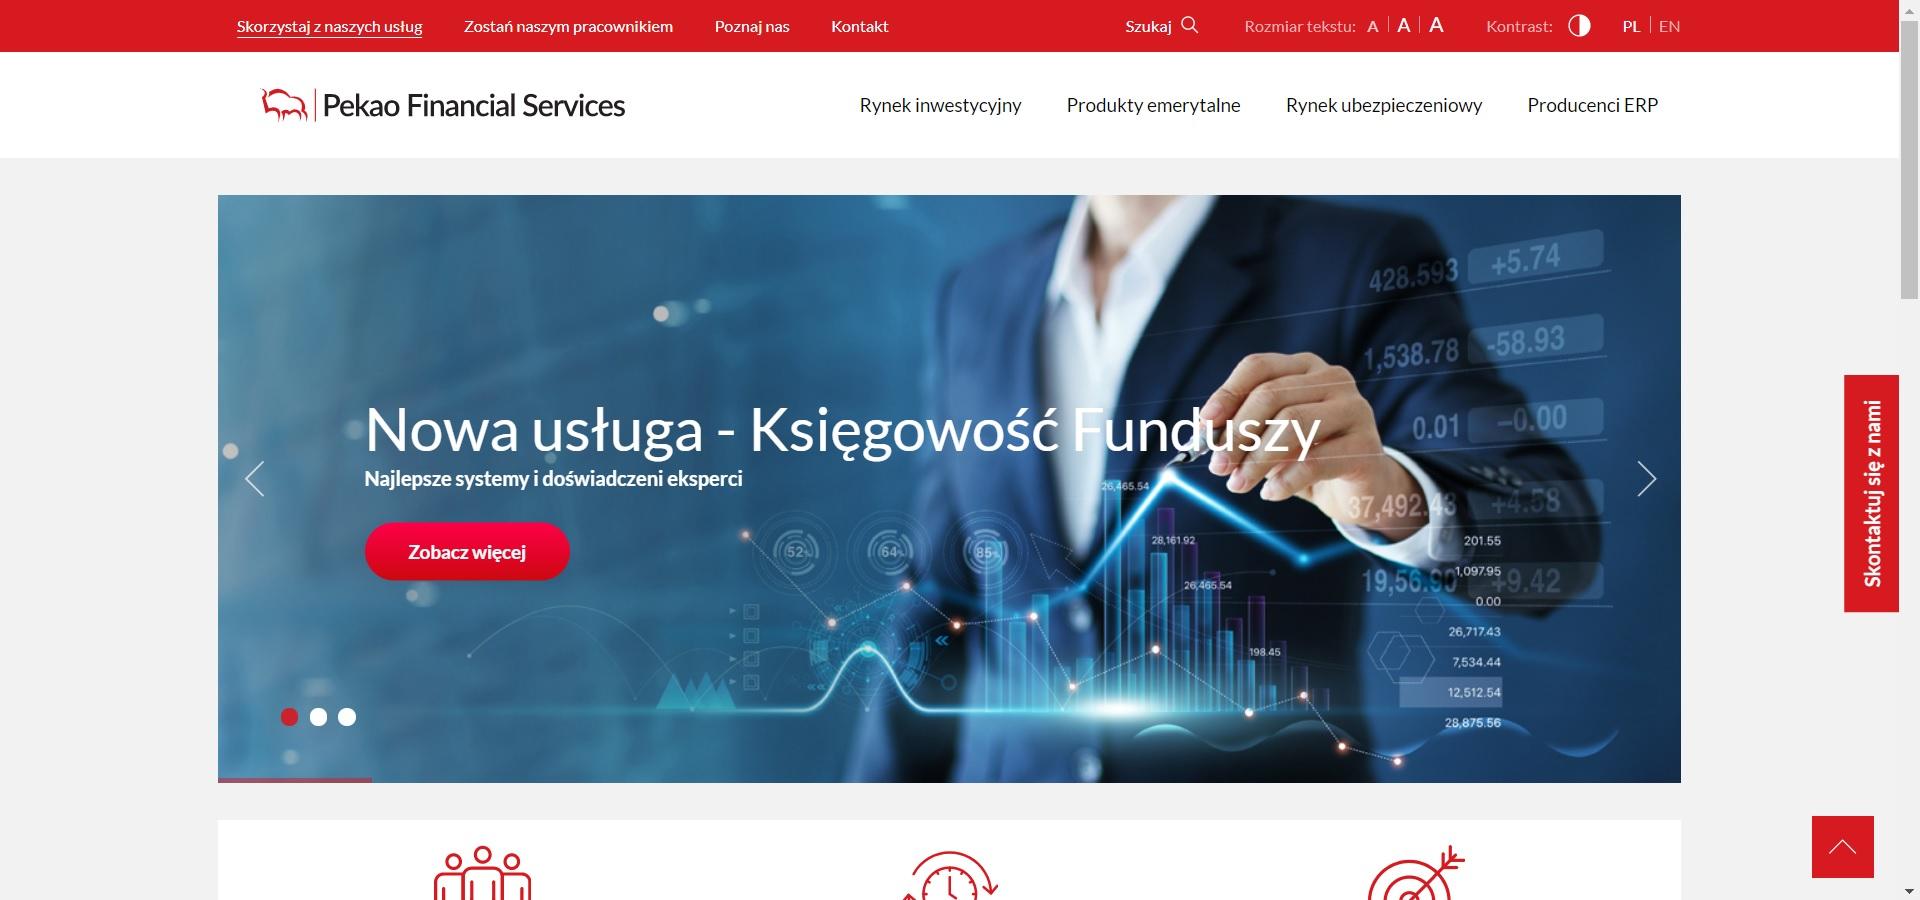 Strona internetowa dla banku pekao sa